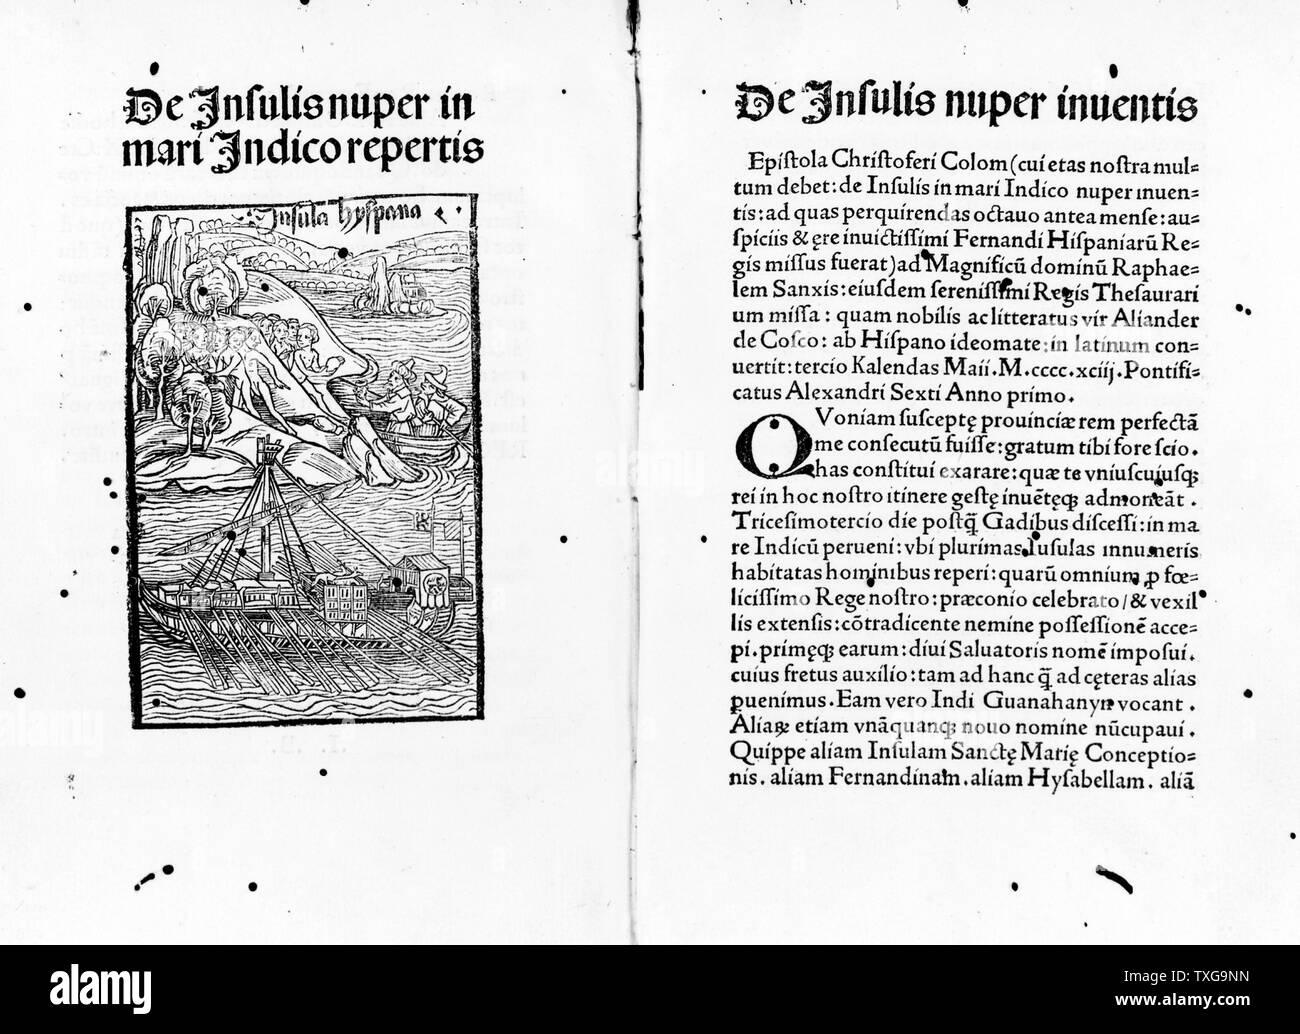 Carlo Verardi  De Insulis nuper in Mari Indico repertis Woodcut and letterpress - Stock Image